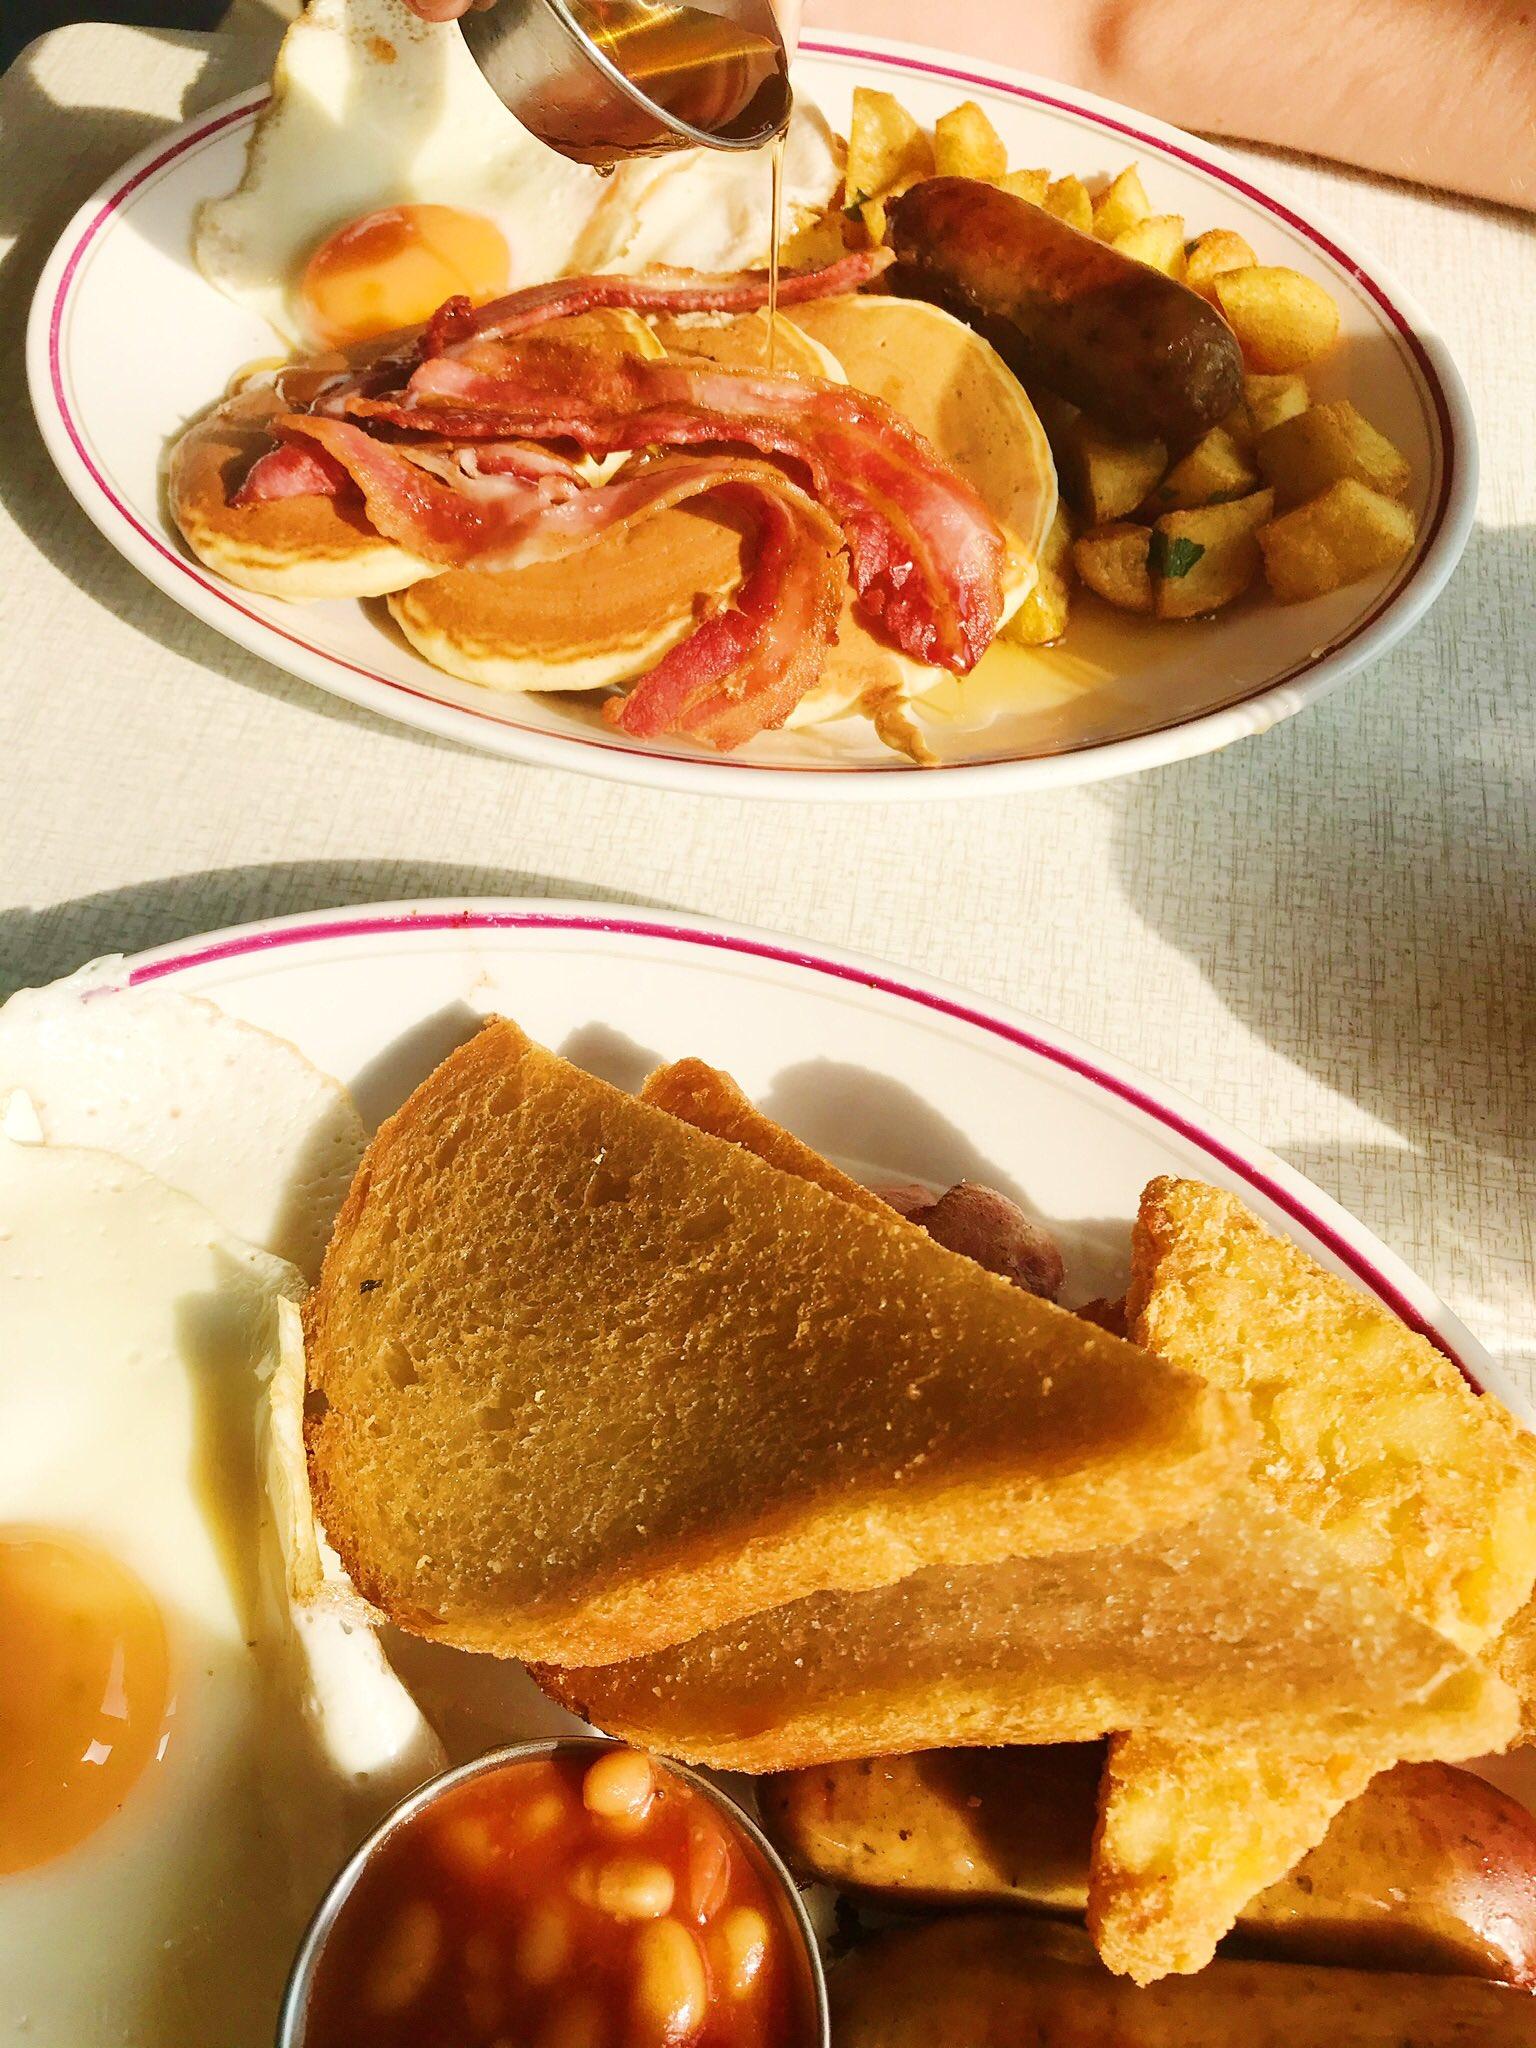 Breakfast at The Breakfast Club, Oxford